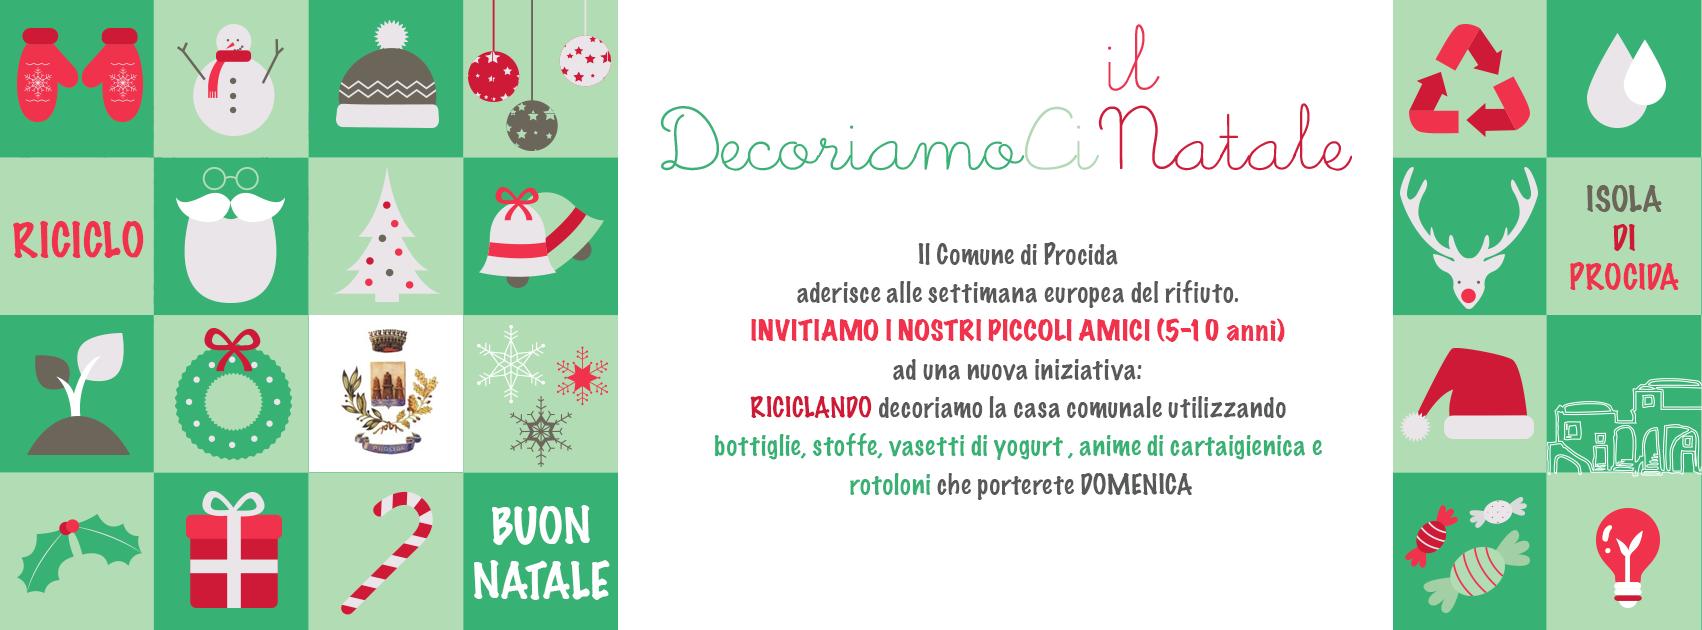 """Photo of Procida, al via """"DecoriamoCi il Natale"""""""